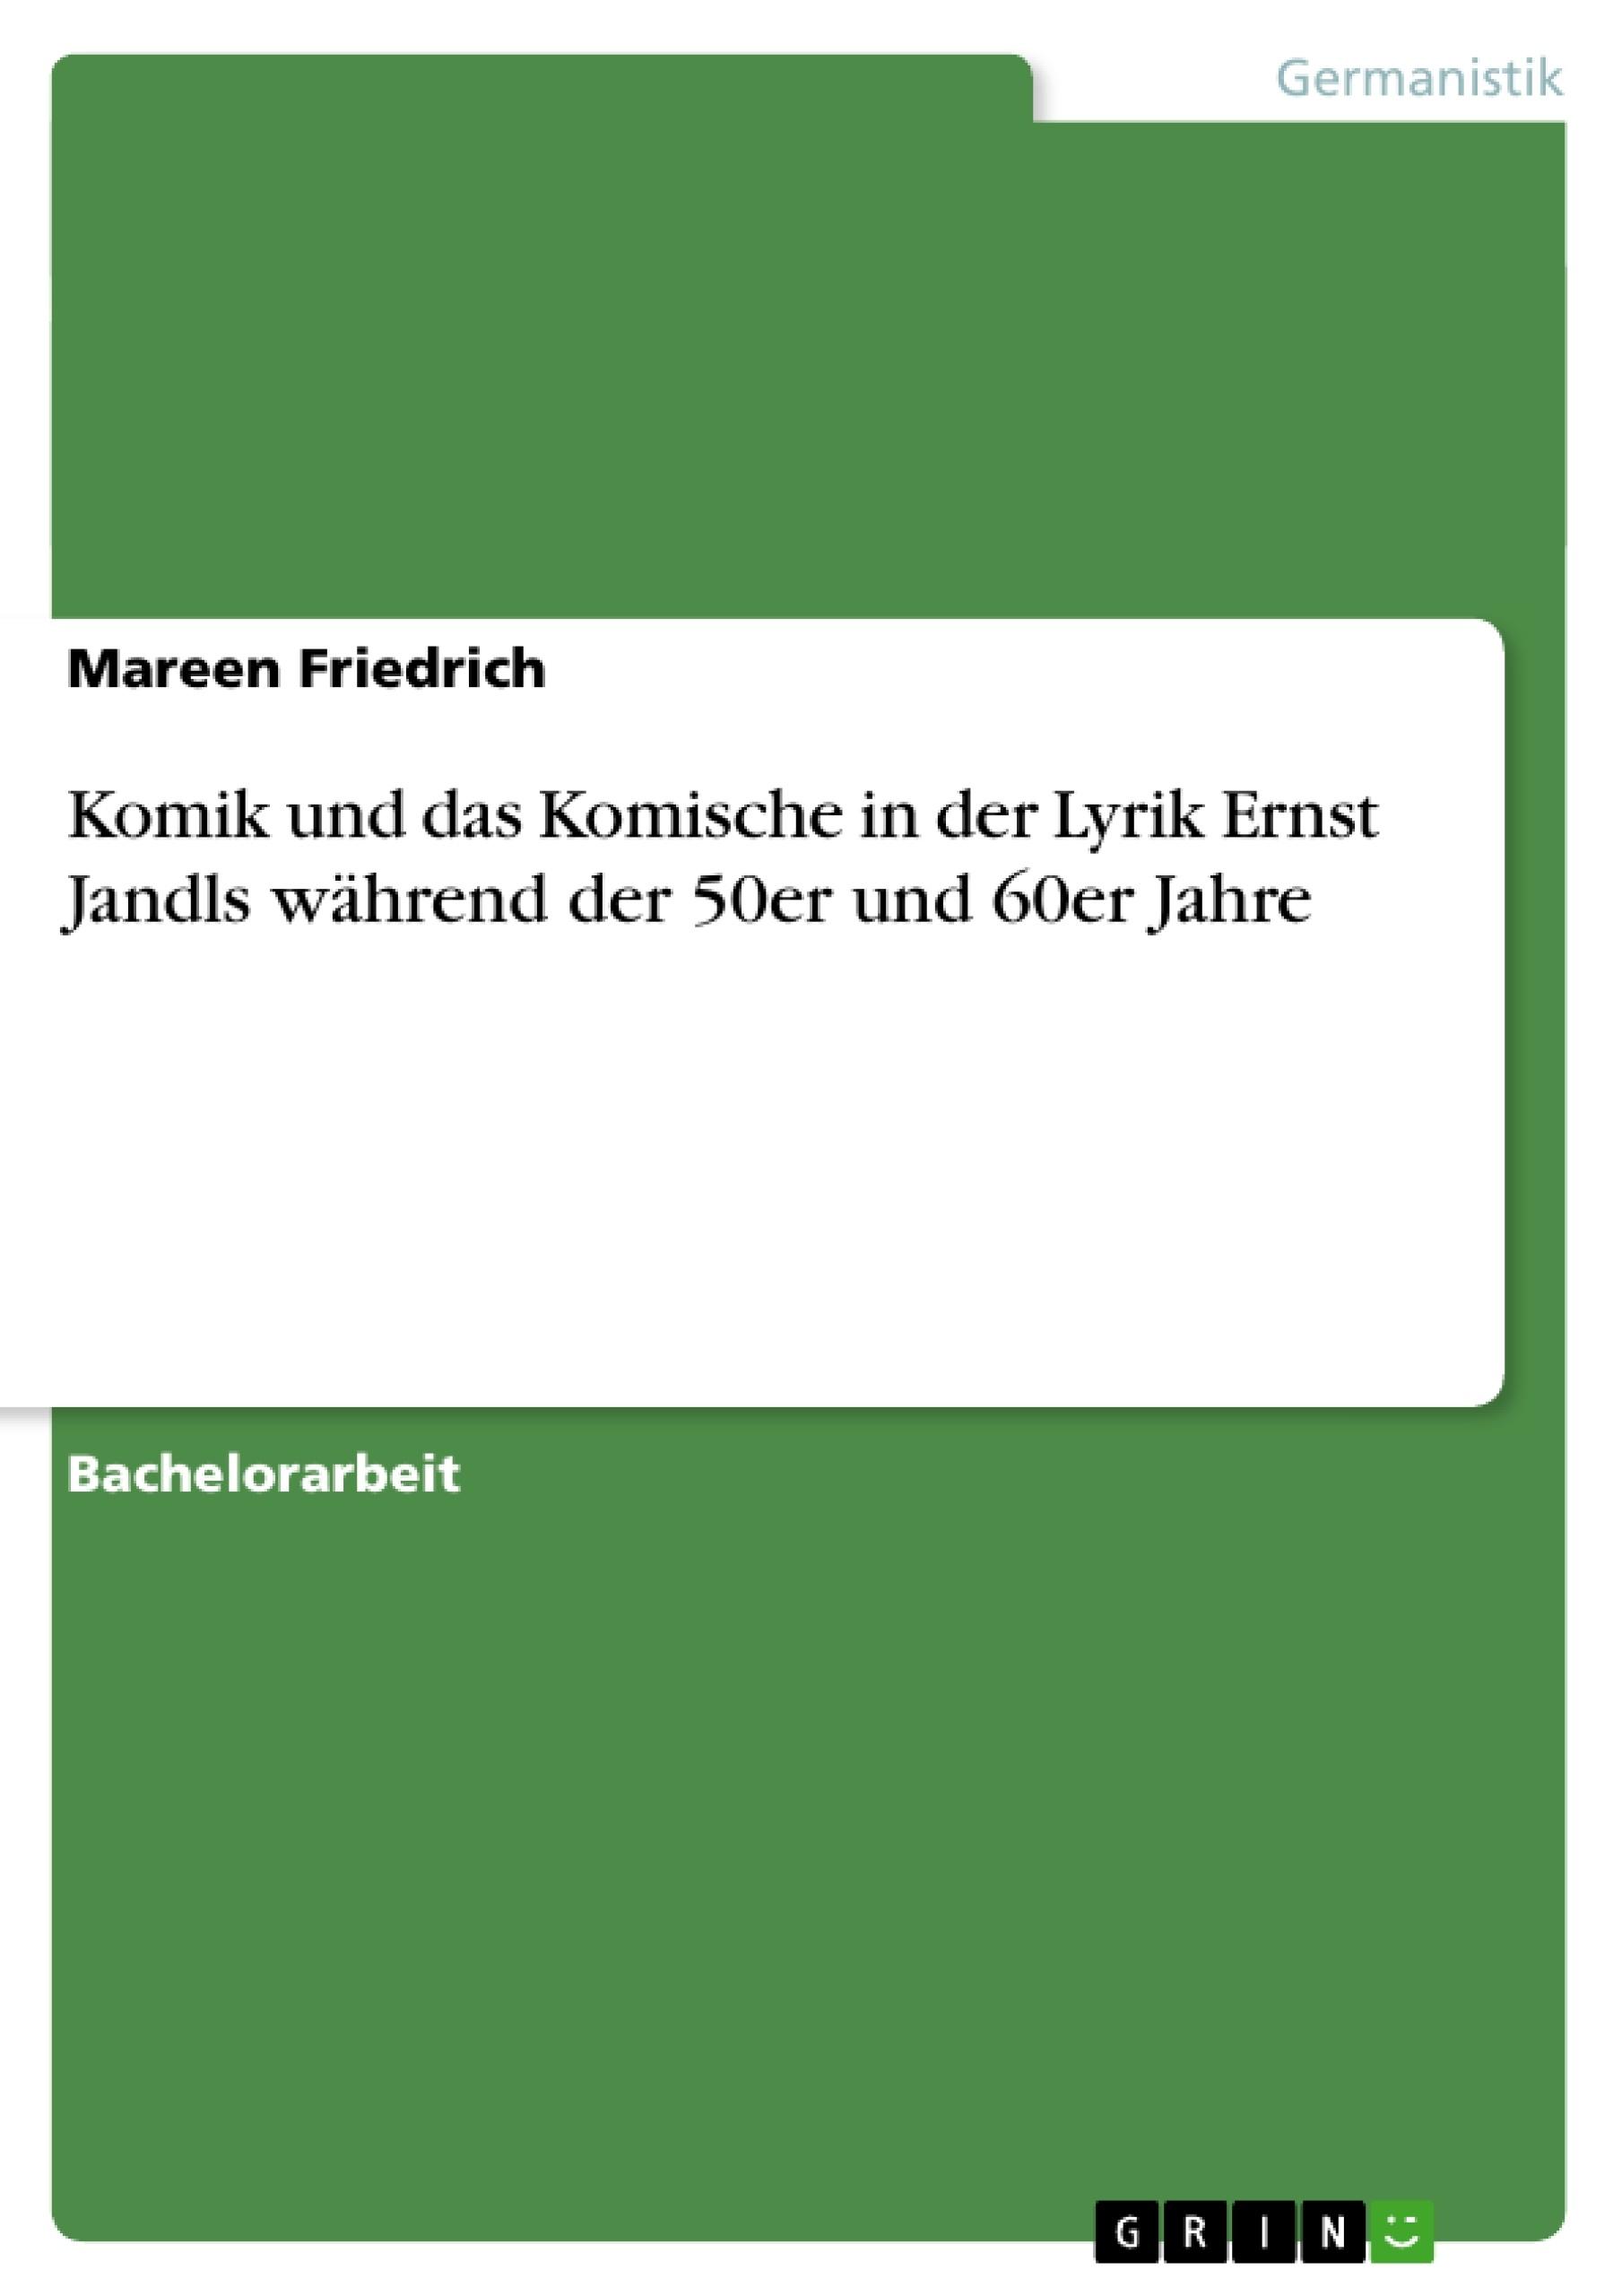 Titel: Komik und das Komische in der Lyrik Ernst Jandls während der 50er und 60er Jahre